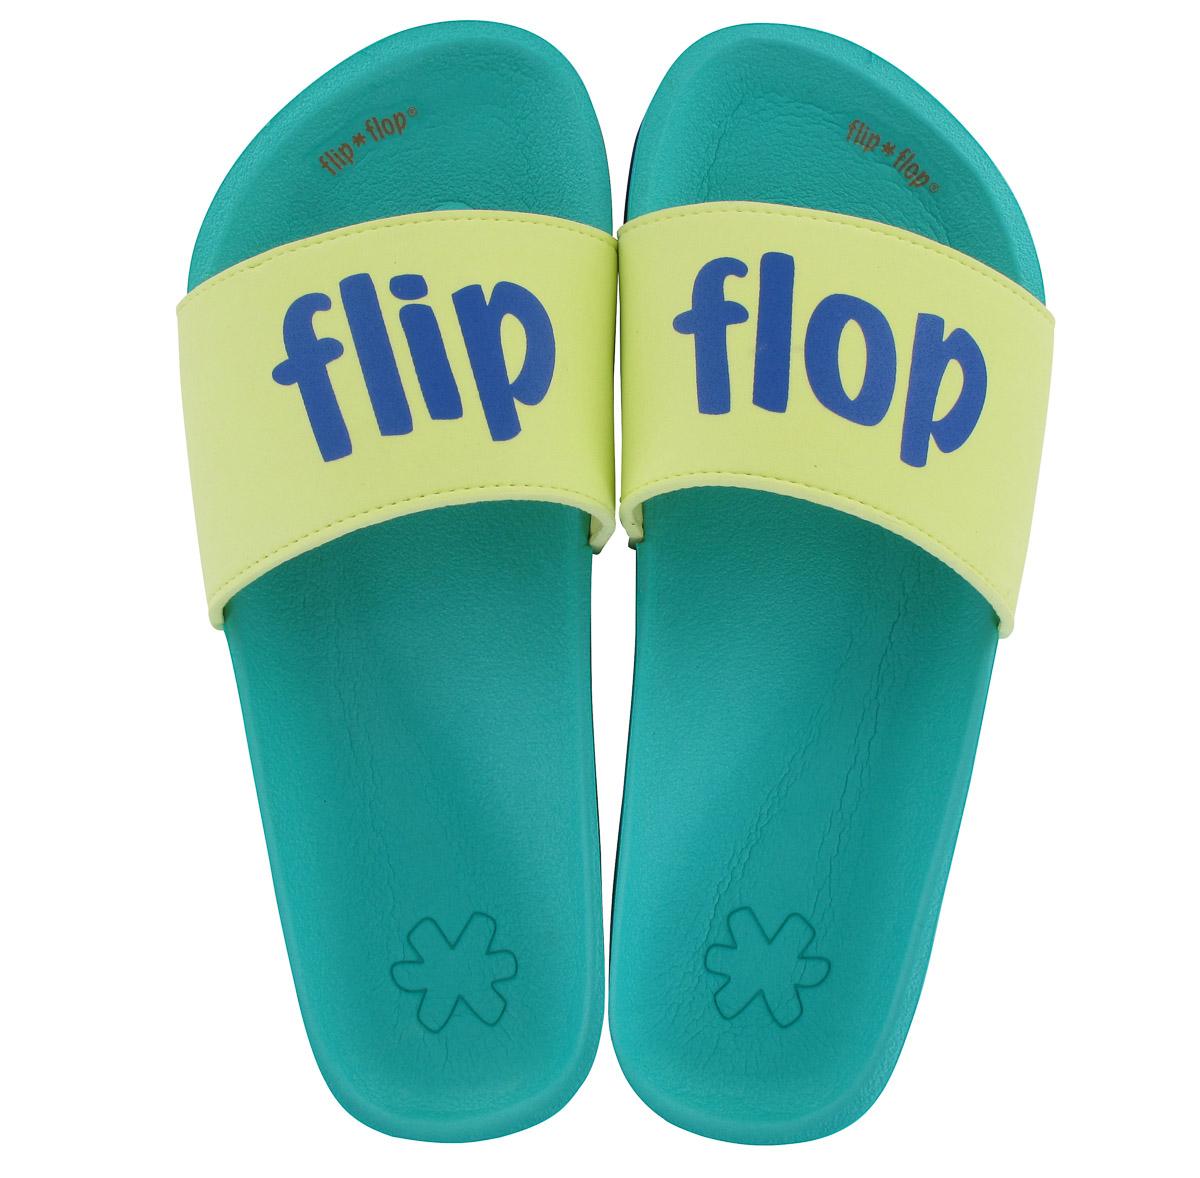 flip flop mg premium. Black Bedroom Furniture Sets. Home Design Ideas